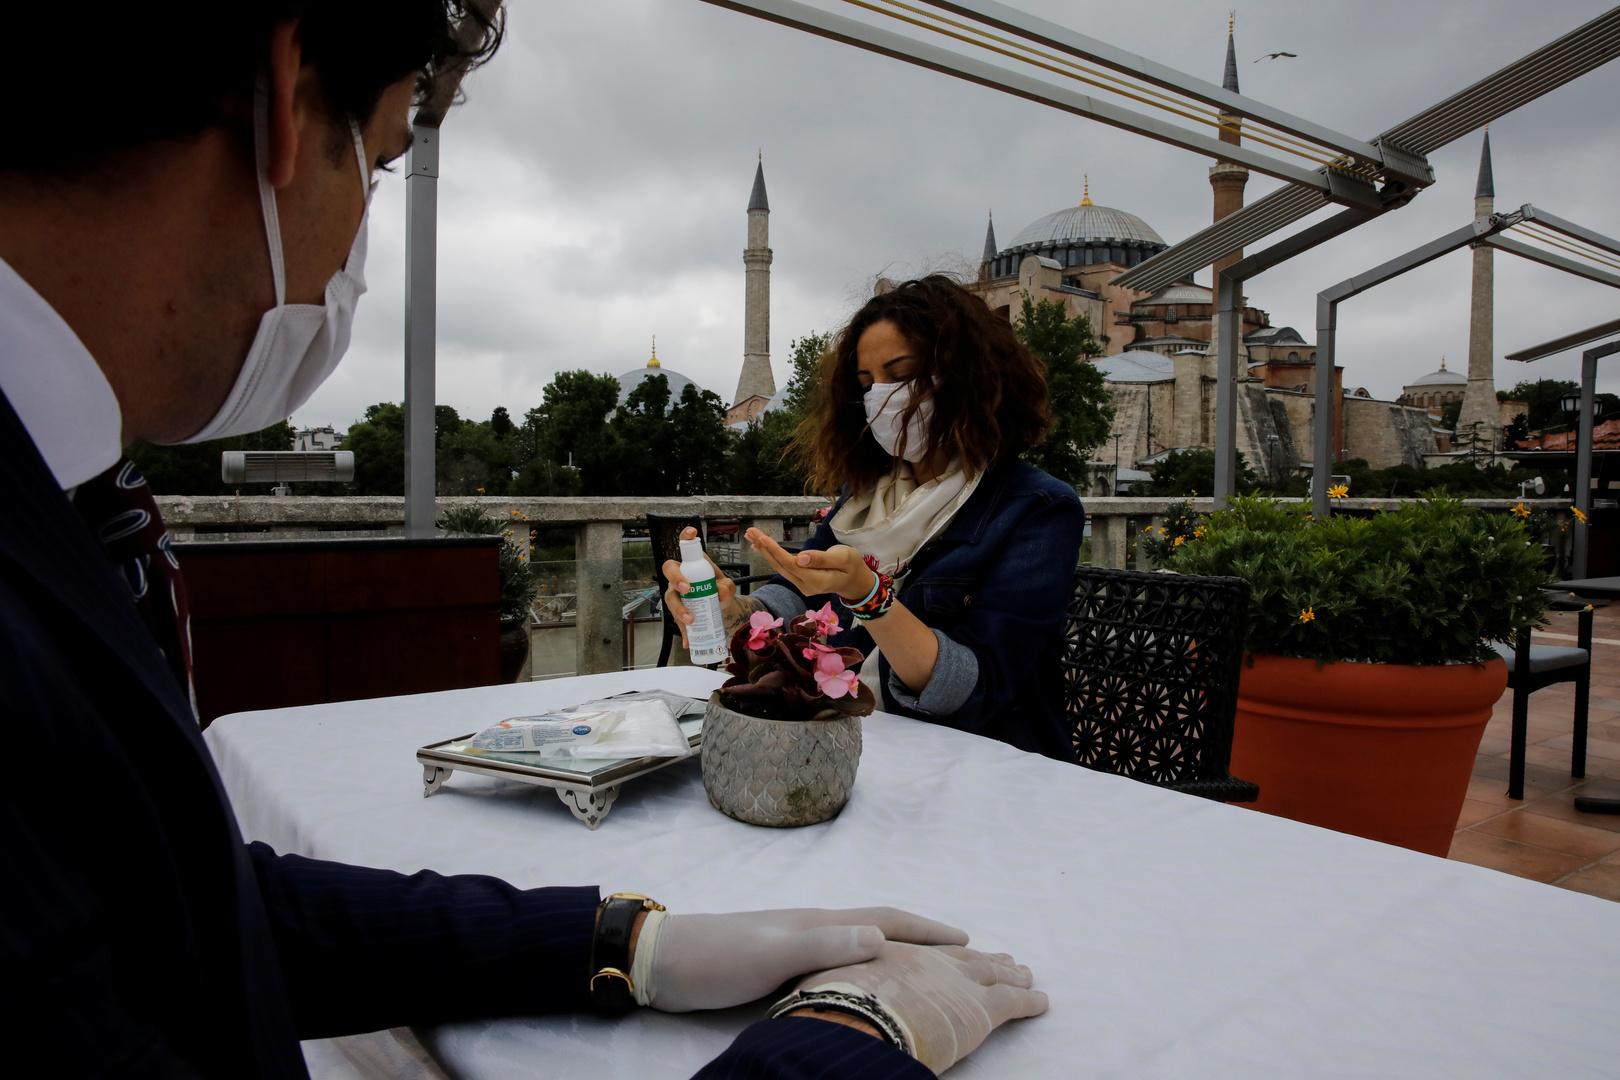 تركيا تسجل ارتفاعا بحصيلة وفيات وإصابات كورونا